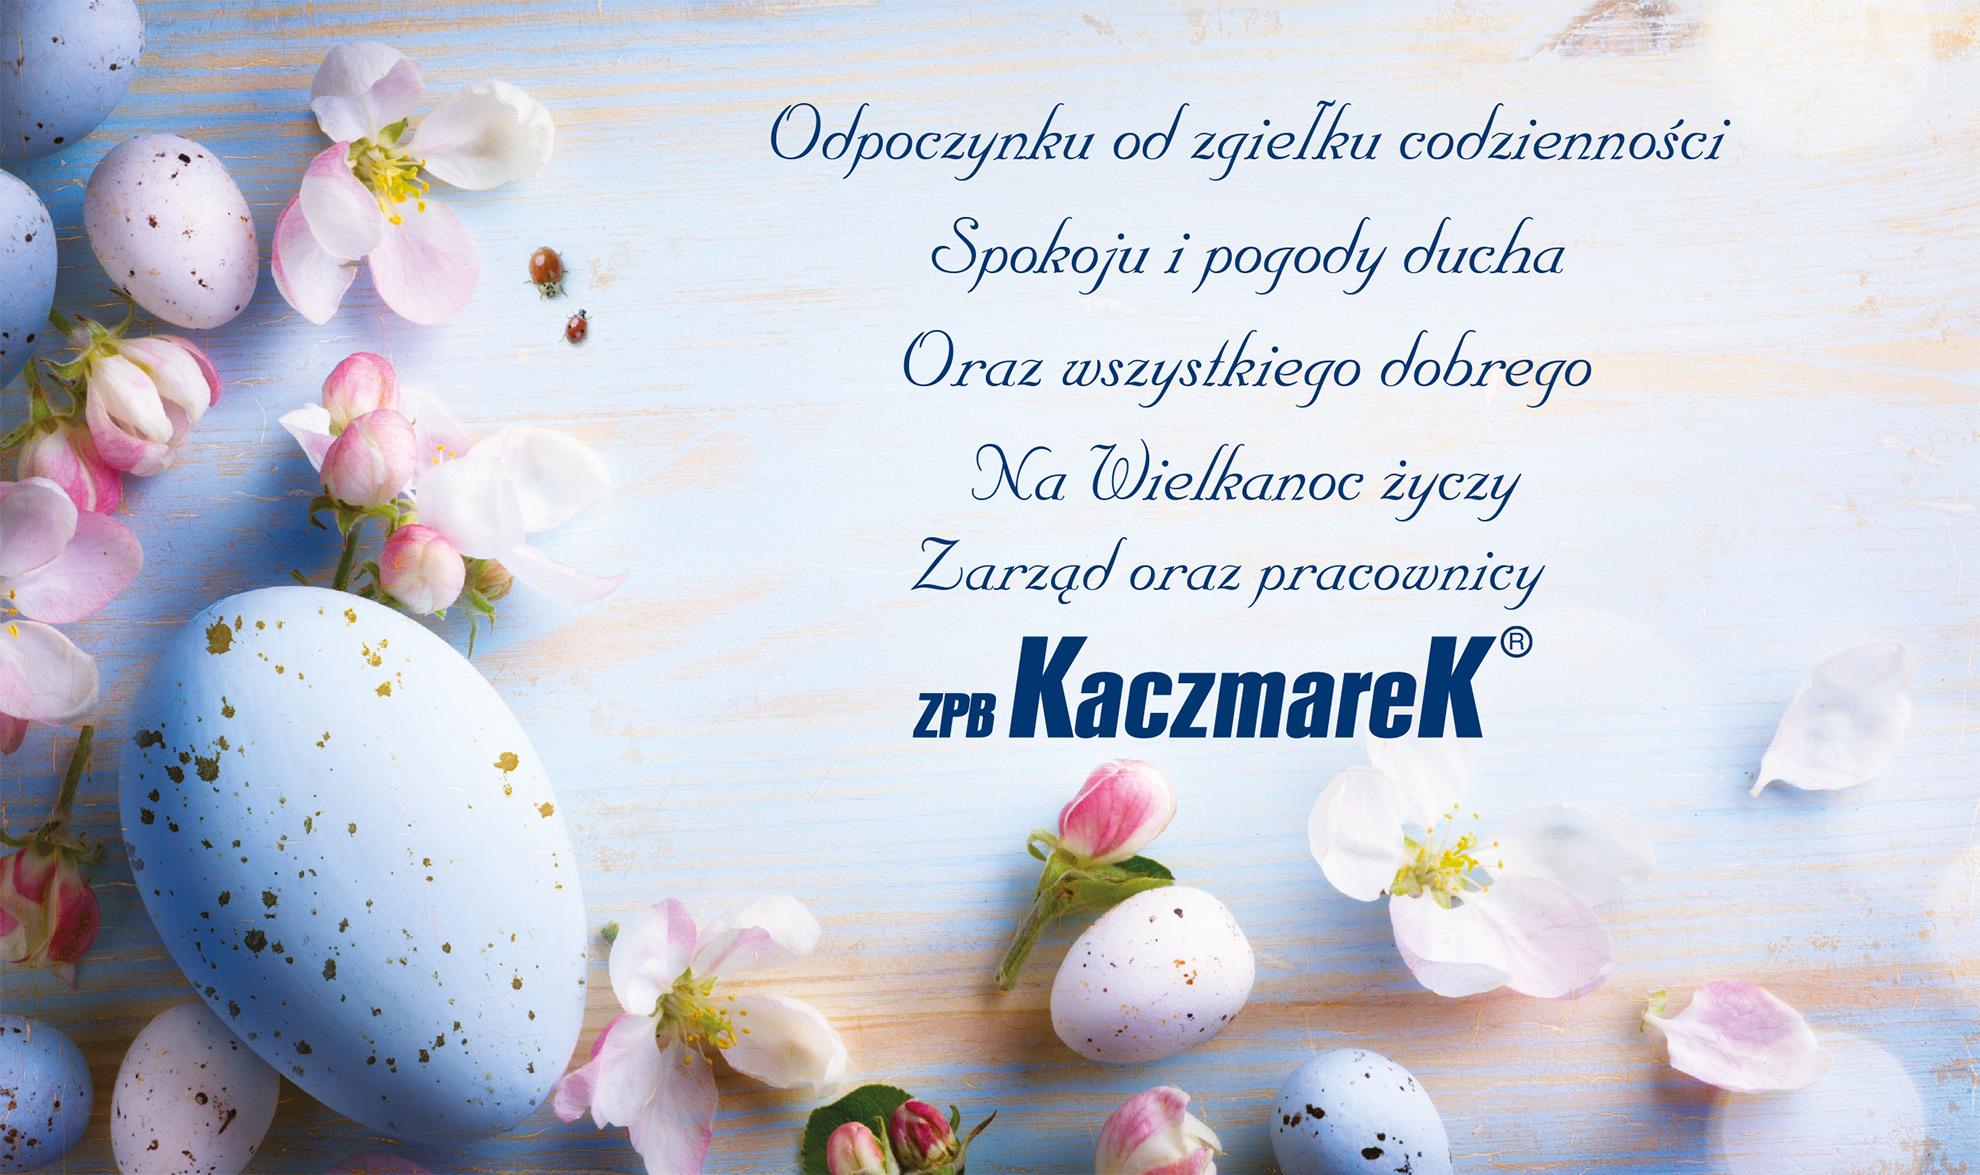 kartka_wielkanoc2019ok